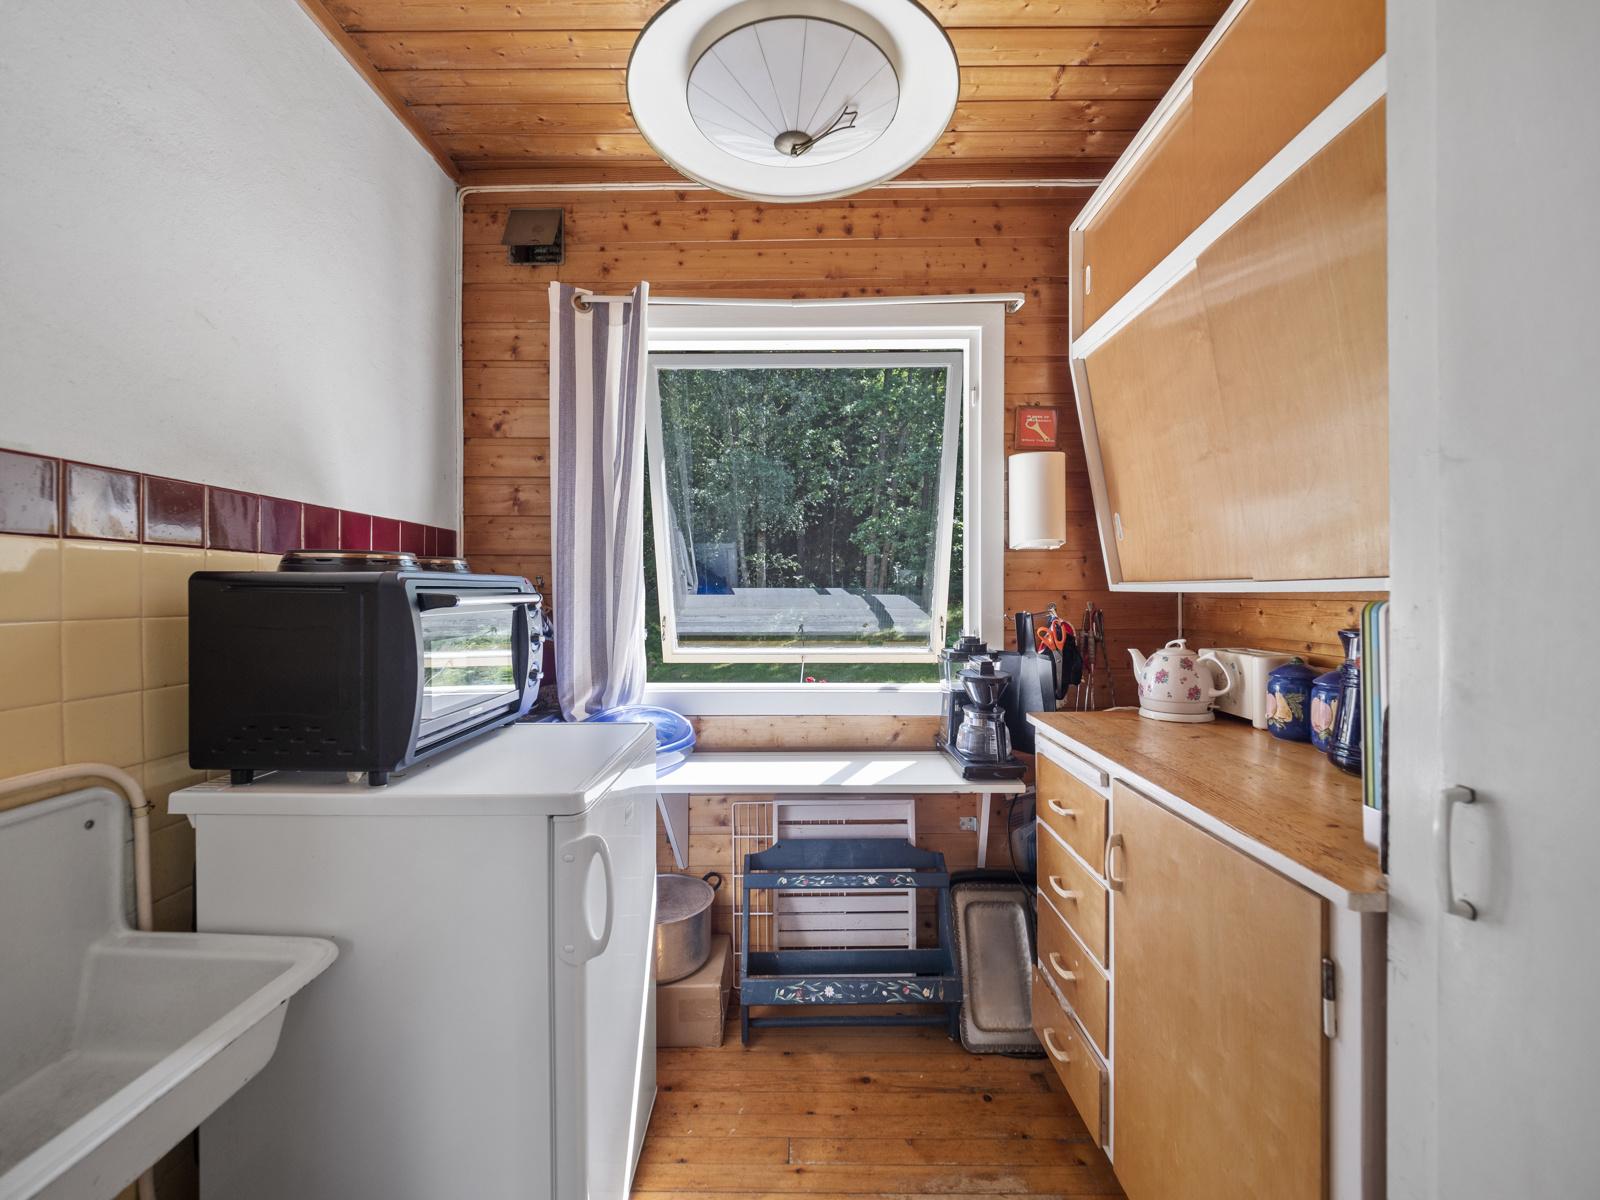 Kjøkken med eldre innredning